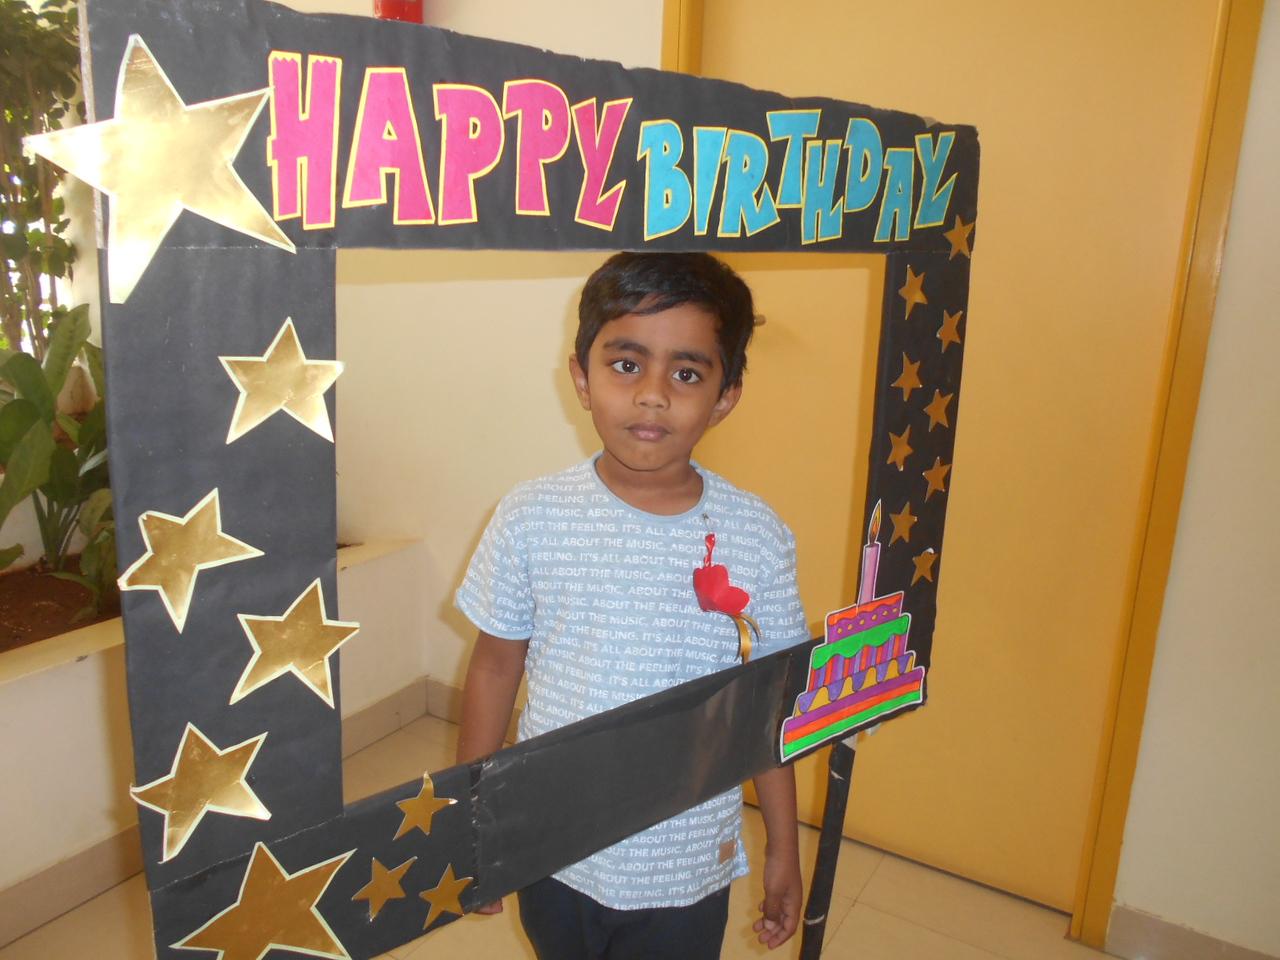 HAPPY BIRTHDAY ARJUN